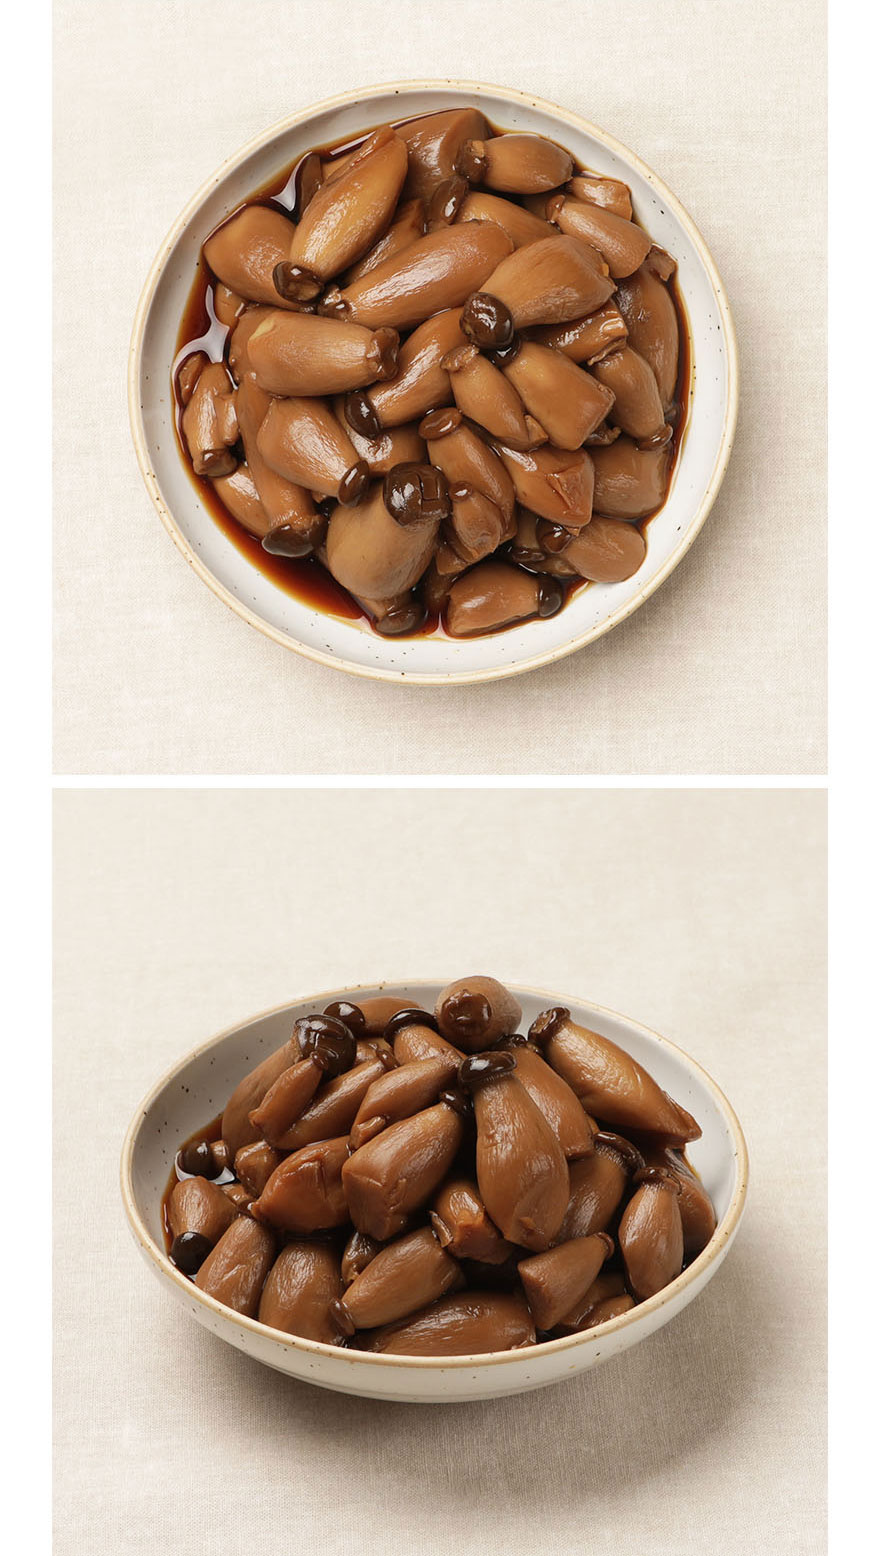 미니새송이버섯조림 쫄깃쫄깃한 식감이 매력 있는 미니새송이버섯조림입니다. 한 입에 쏙 들어오는 크기가 앙증맞고 동글동글 윤기가 흘러 보기에도 먹음직스럽기에 버섯을 잘 먹지 않는 아이들도 좋아하는 반찬 중 하나랍니다. 집반찬연구소 맛의 비법 맛간장과 채소육수로 만들어 짜지 않고 달콤합니다.